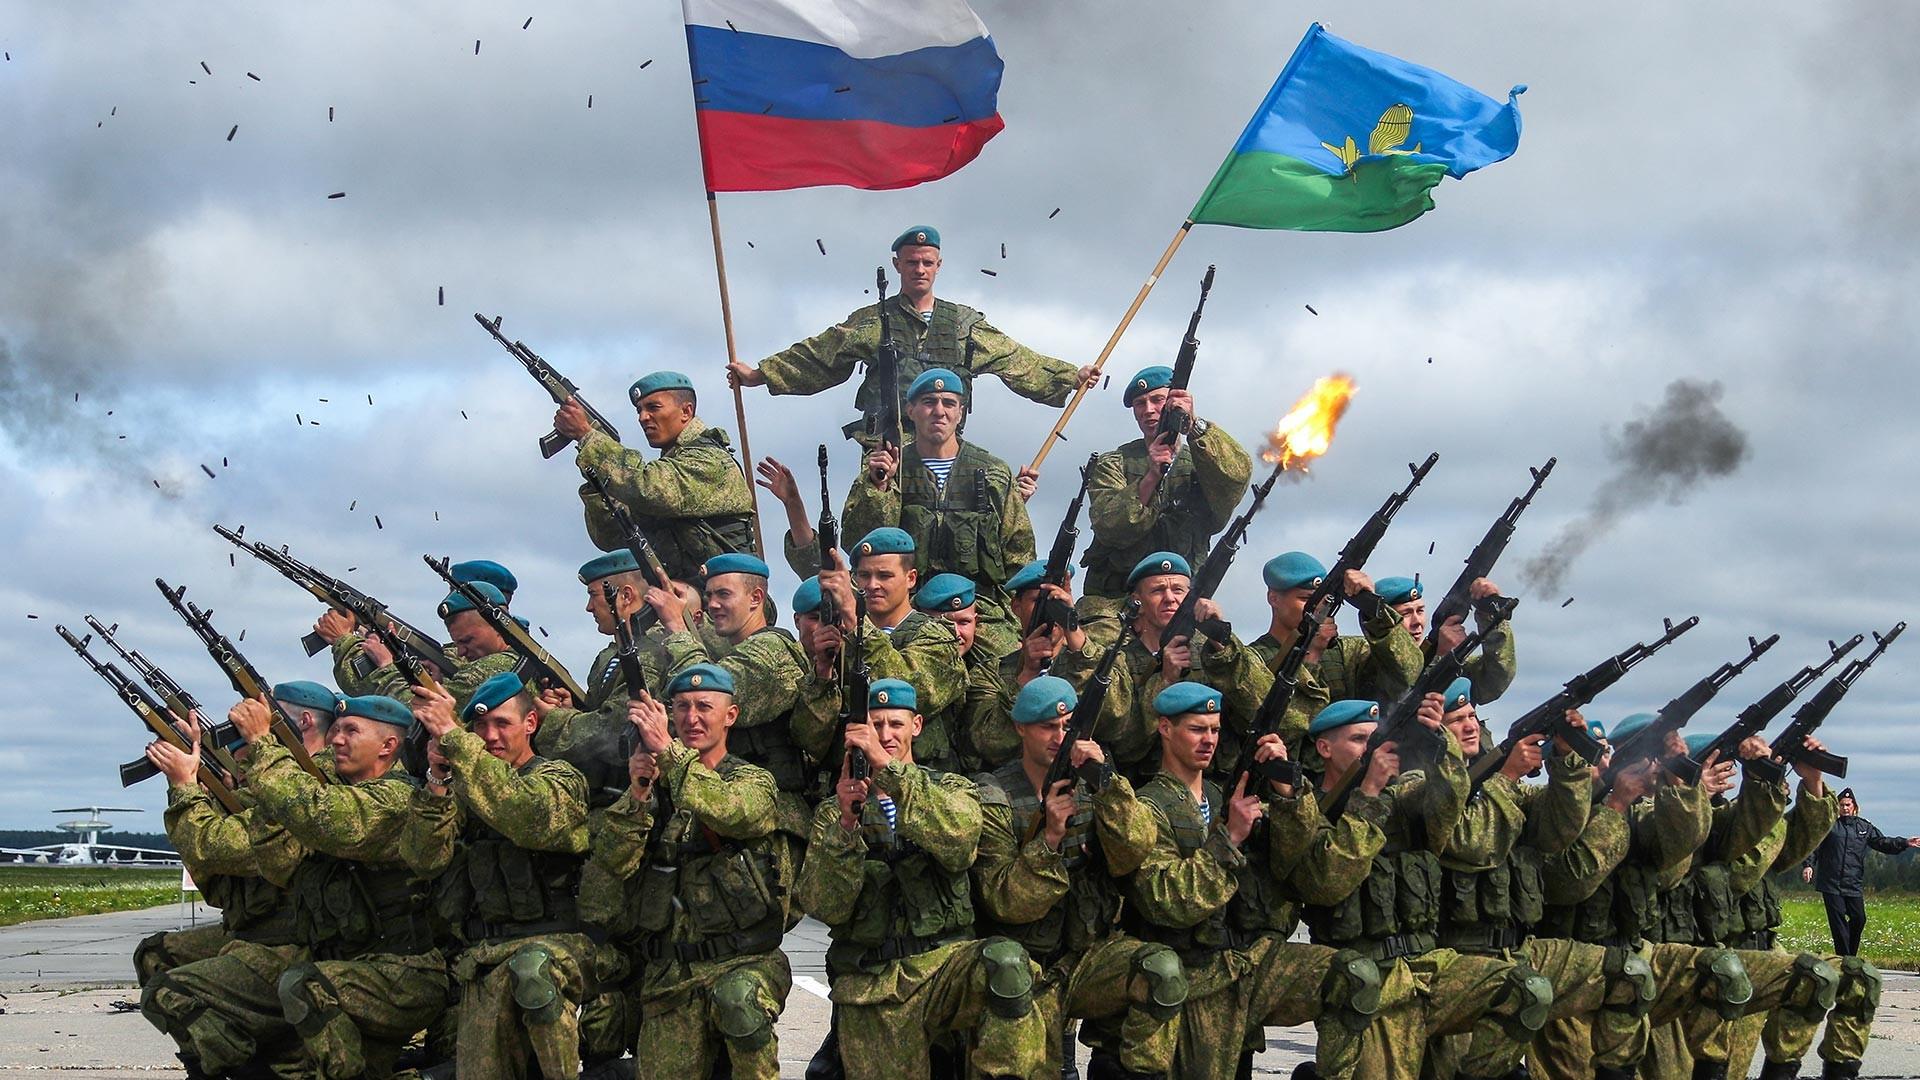 """Des militaires de la 98e division aéroportée lors du festival militaire patriotique """"Ciel ouvert 2019"""" à l'aérodrome Severny"""